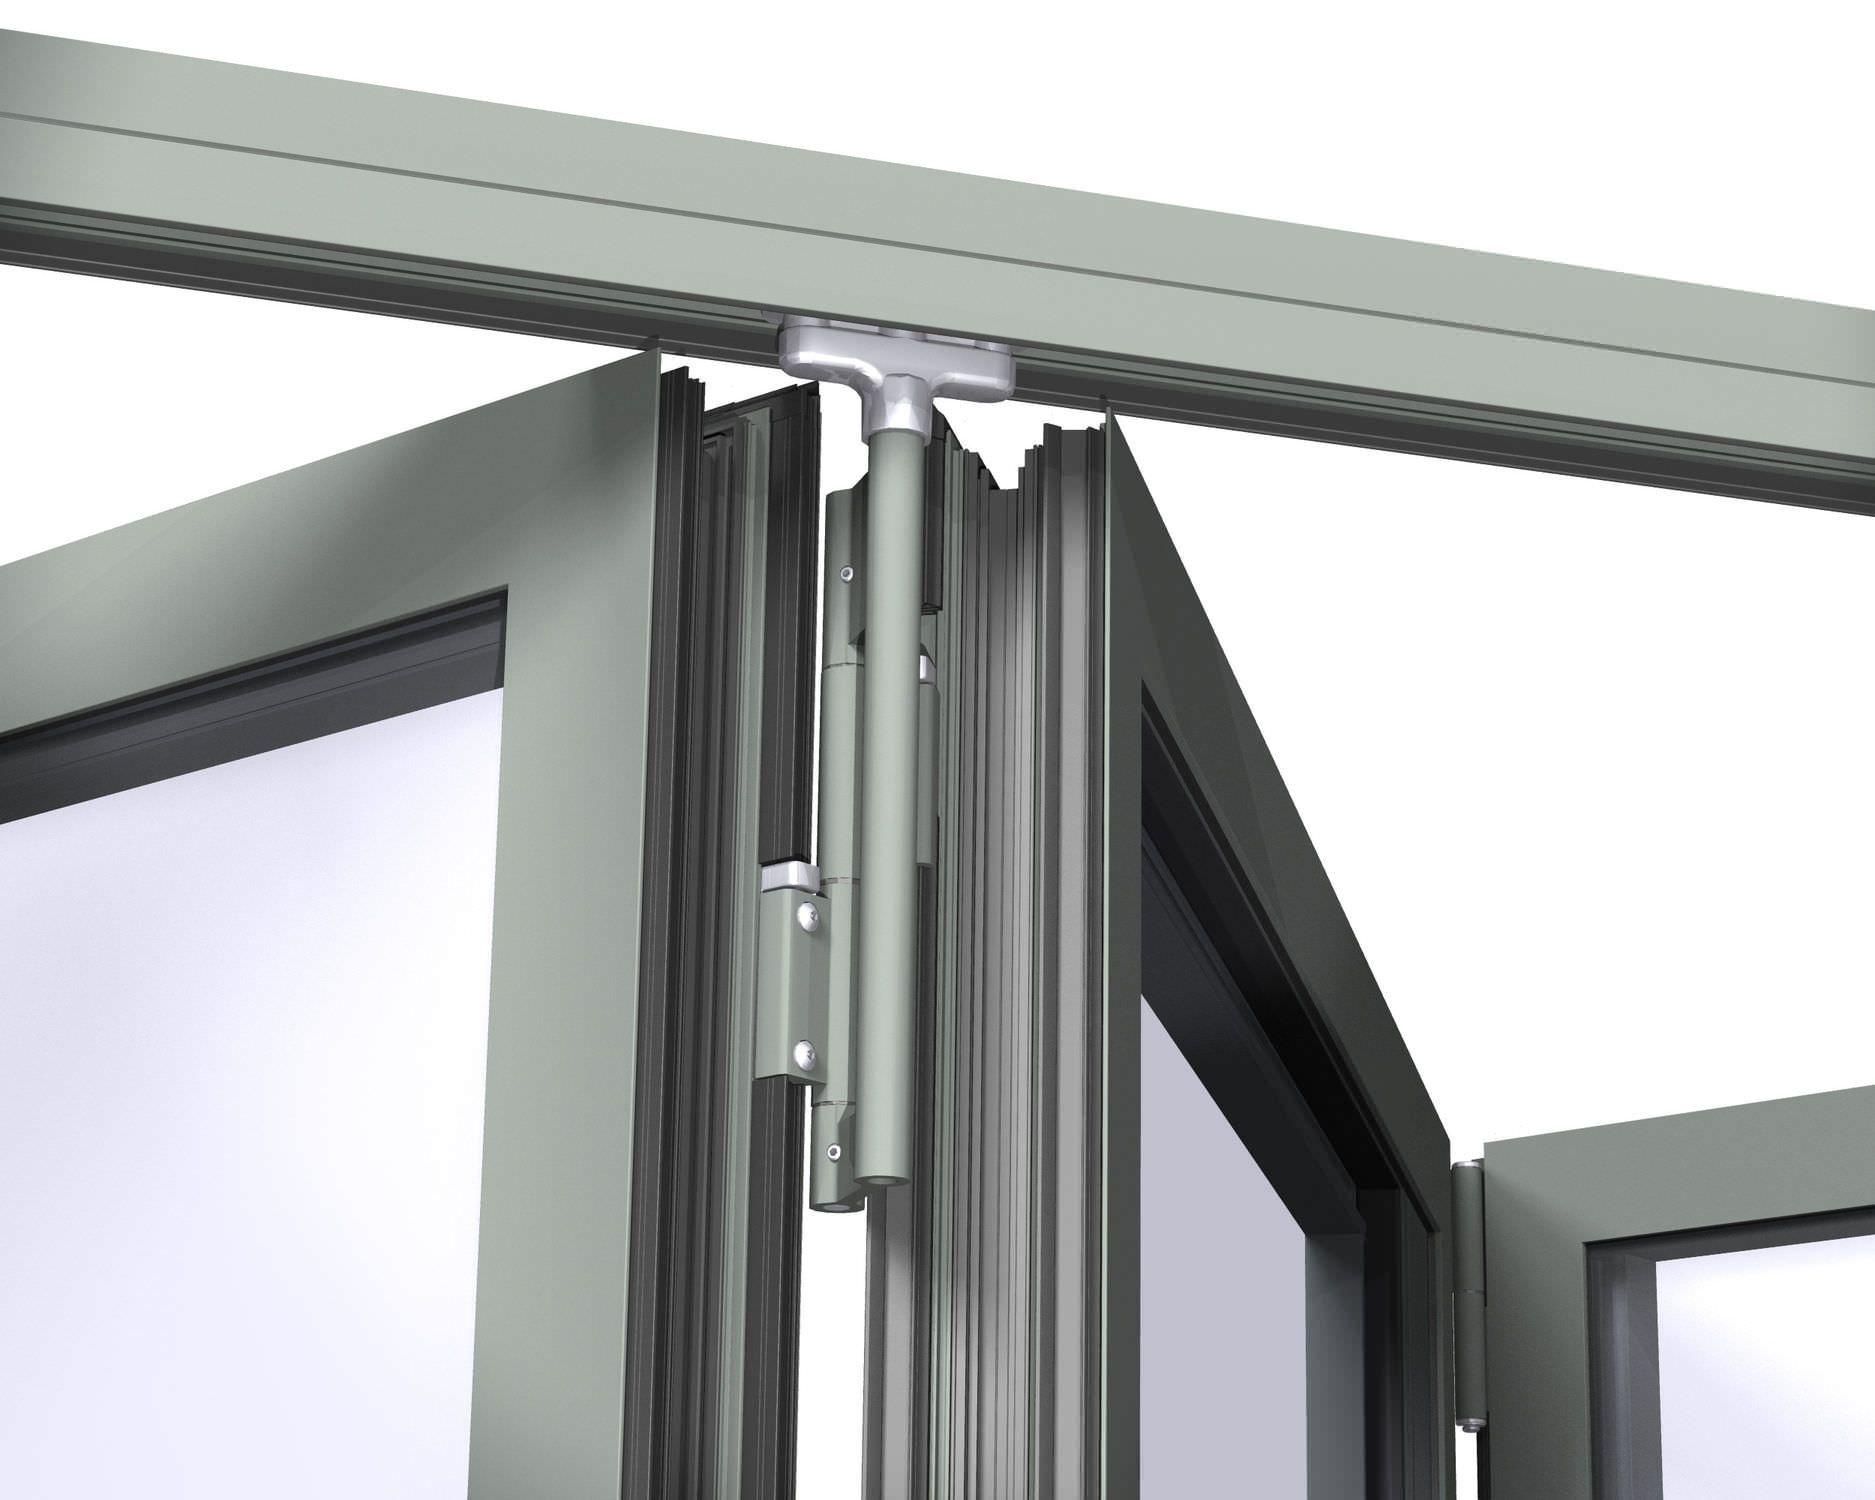 Système Coulissant Pour Porte En Verre CF Reynaers Aluminium - Système coulissant pour porte